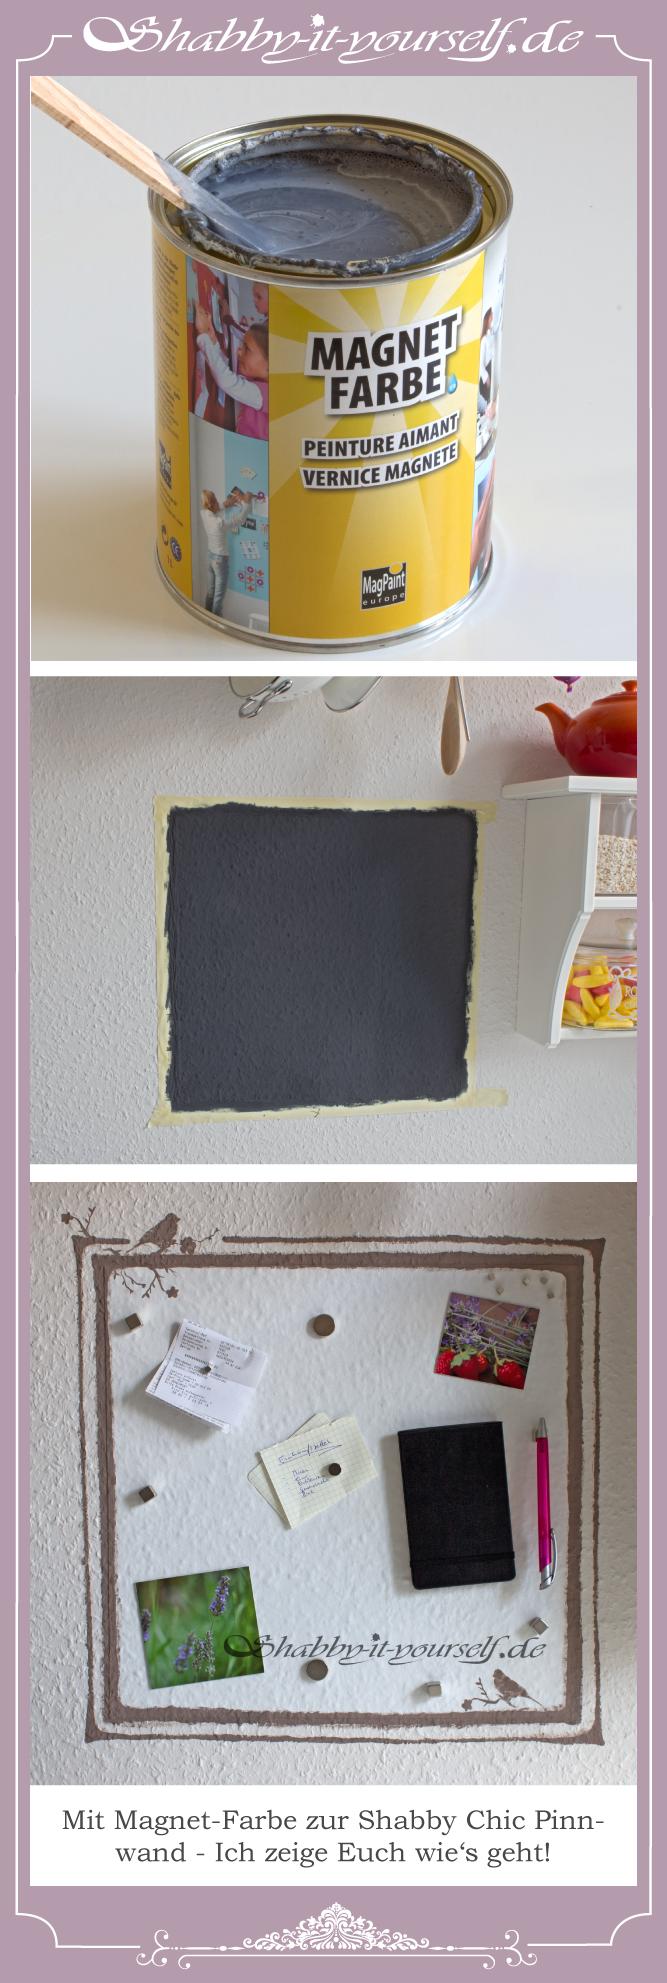 Berühmt Farbe Meiner Küche Wände Malen Fotos - Ideen Für Die Küche ...